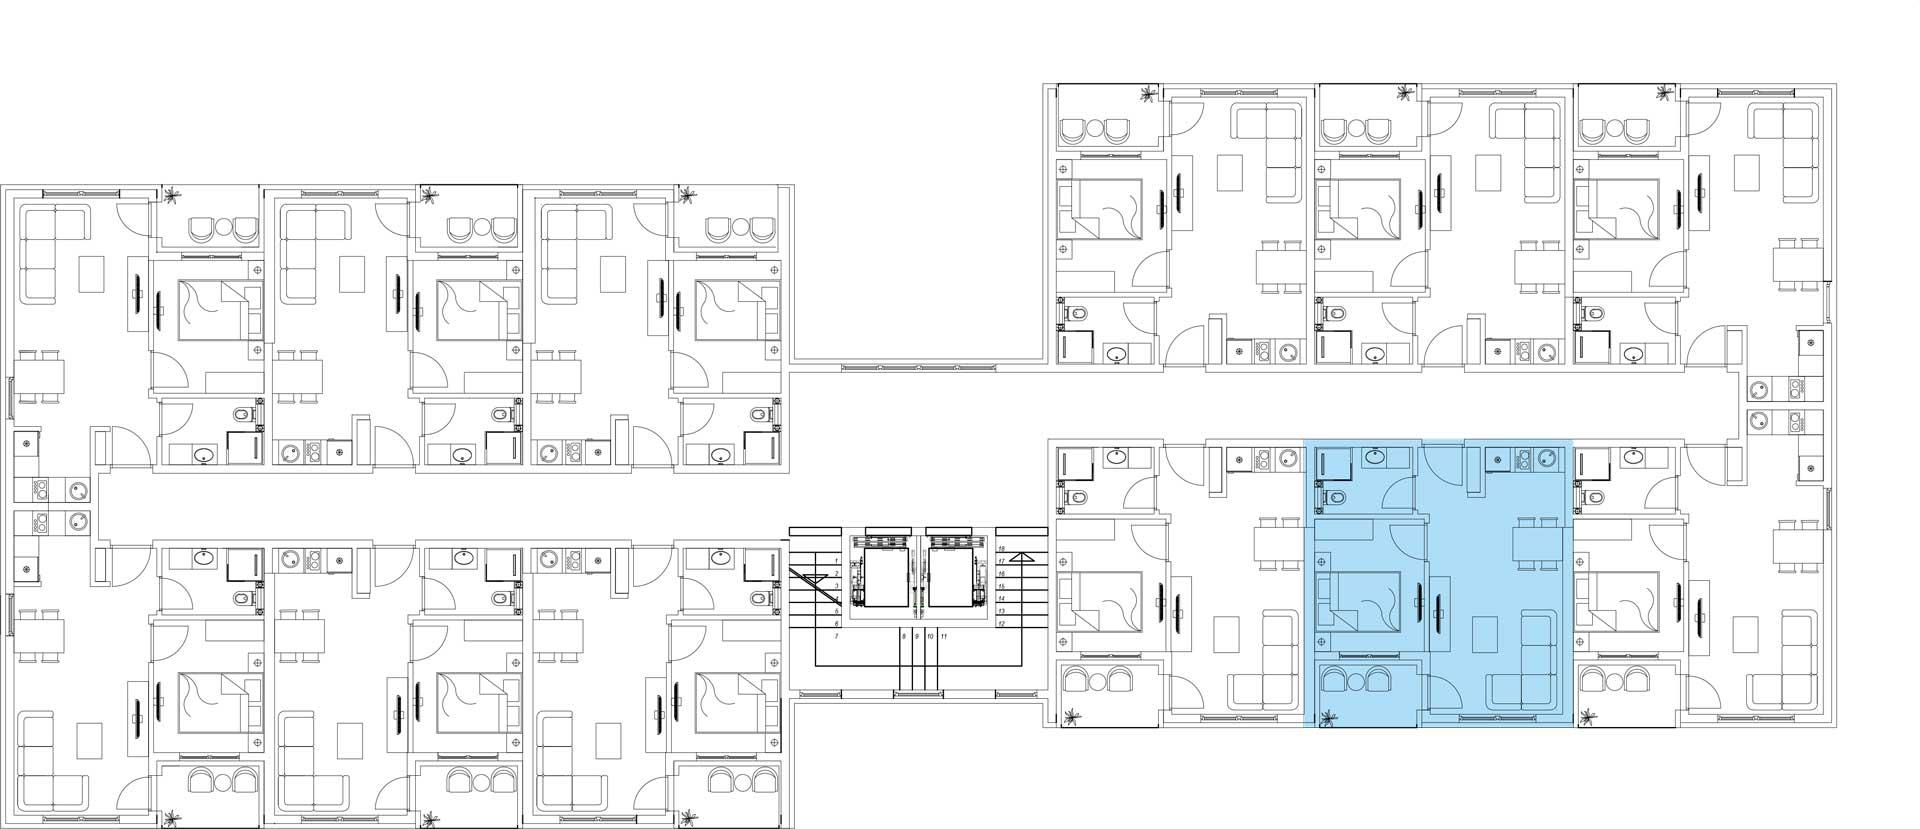 Orjentacija-stambenih-jedinica--20,-32,-44,-56,-68,-80,-92